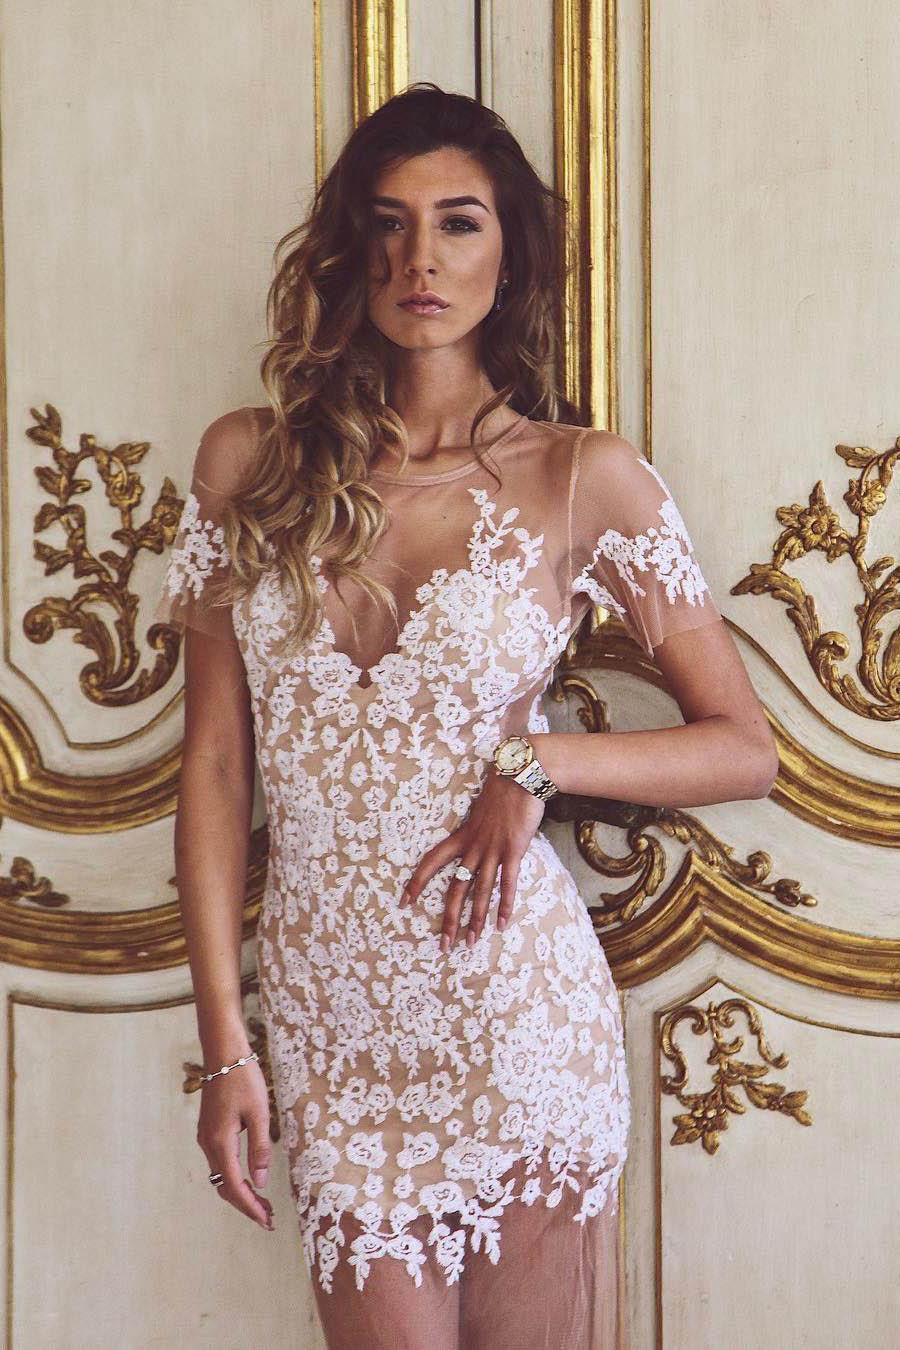 Model Gabriella